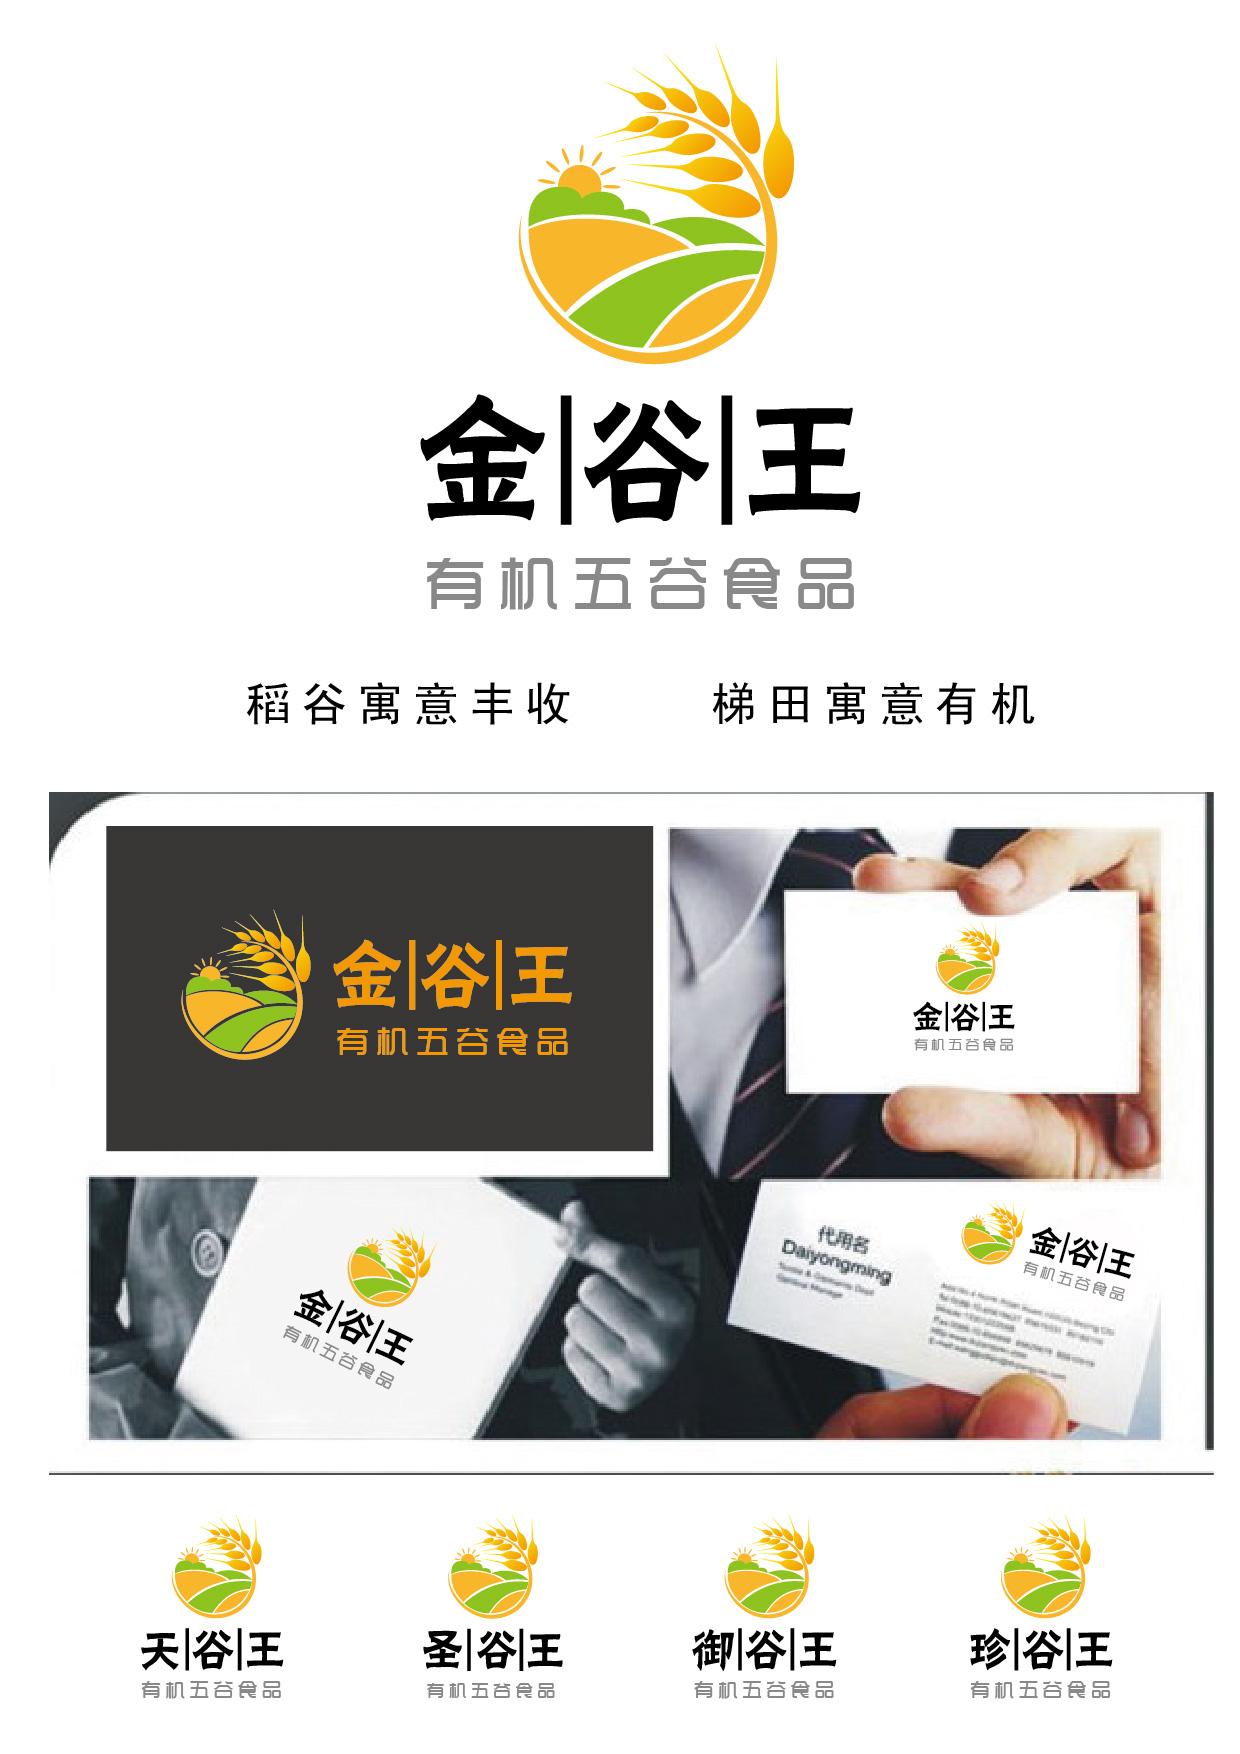 红八月品牌创意设计工作室-有机五谷食品公司logo设计